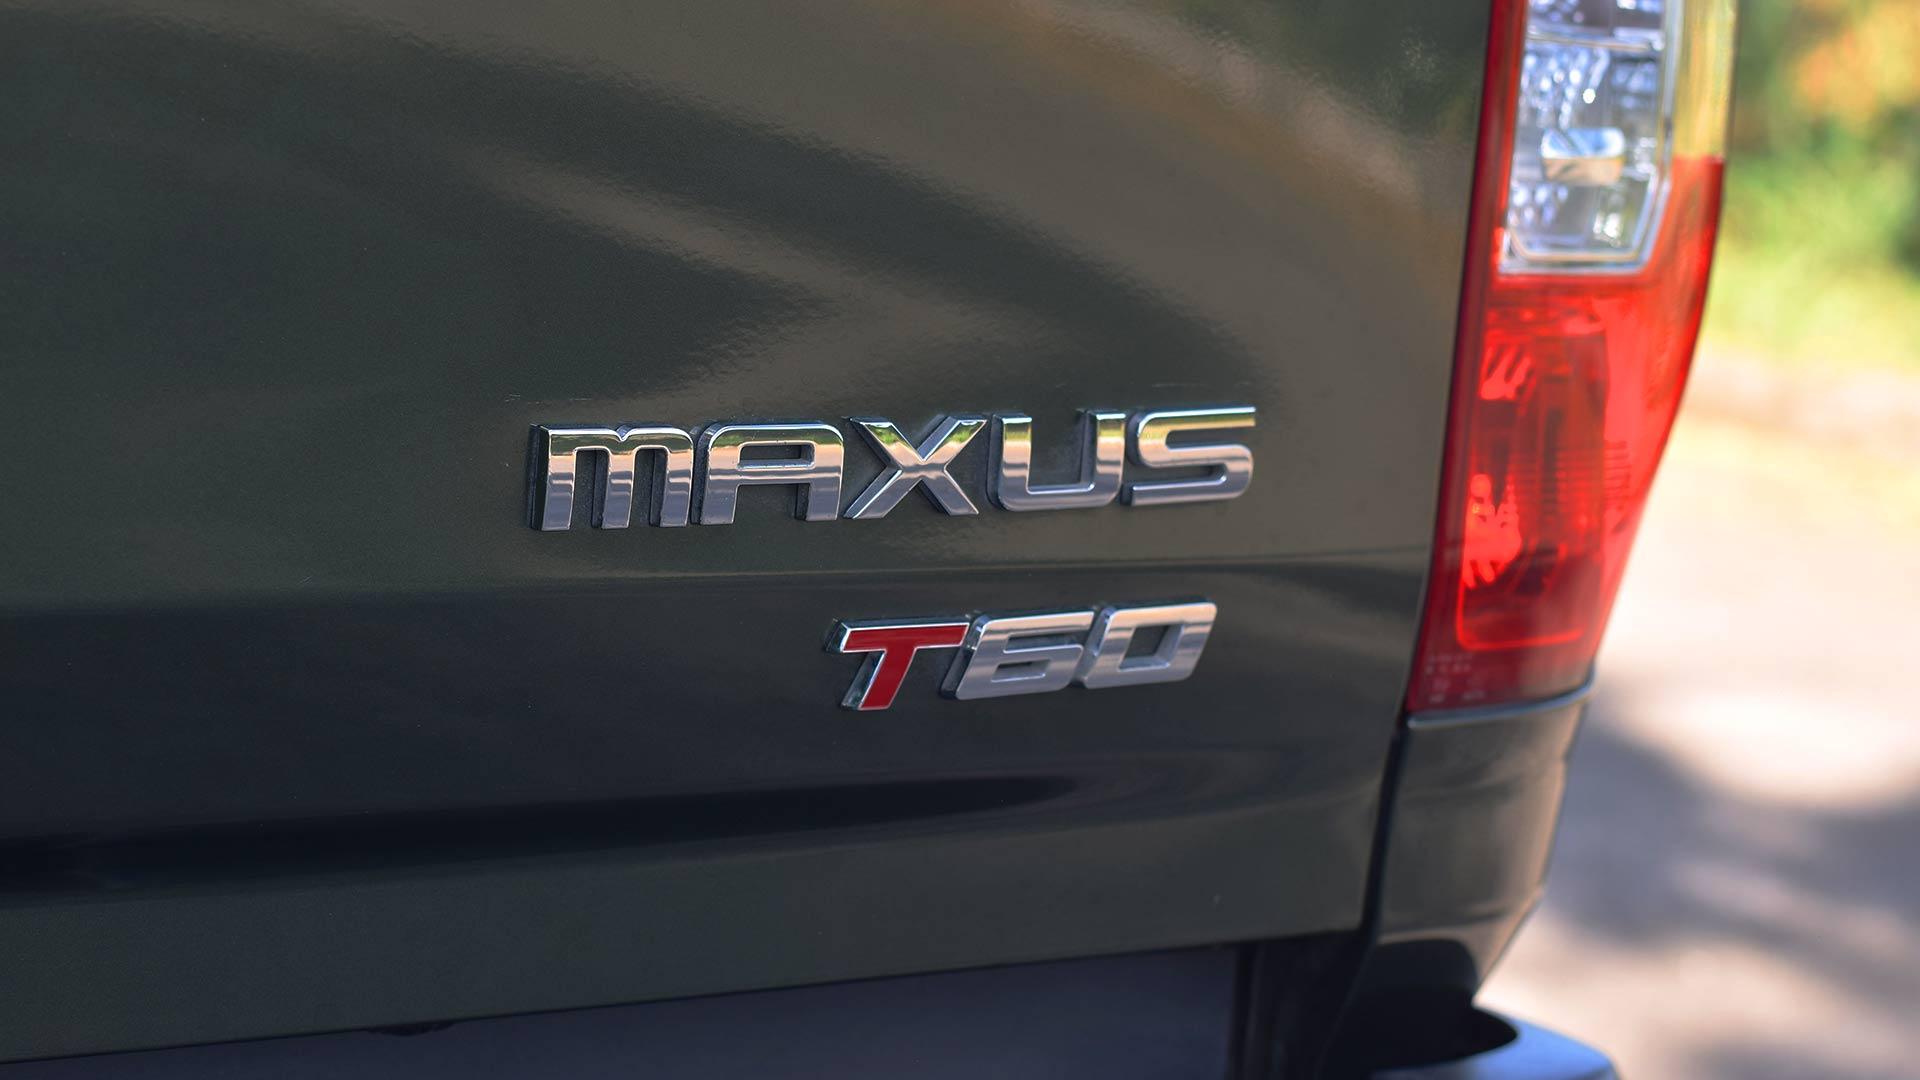 The Maxus T60 rear emblem